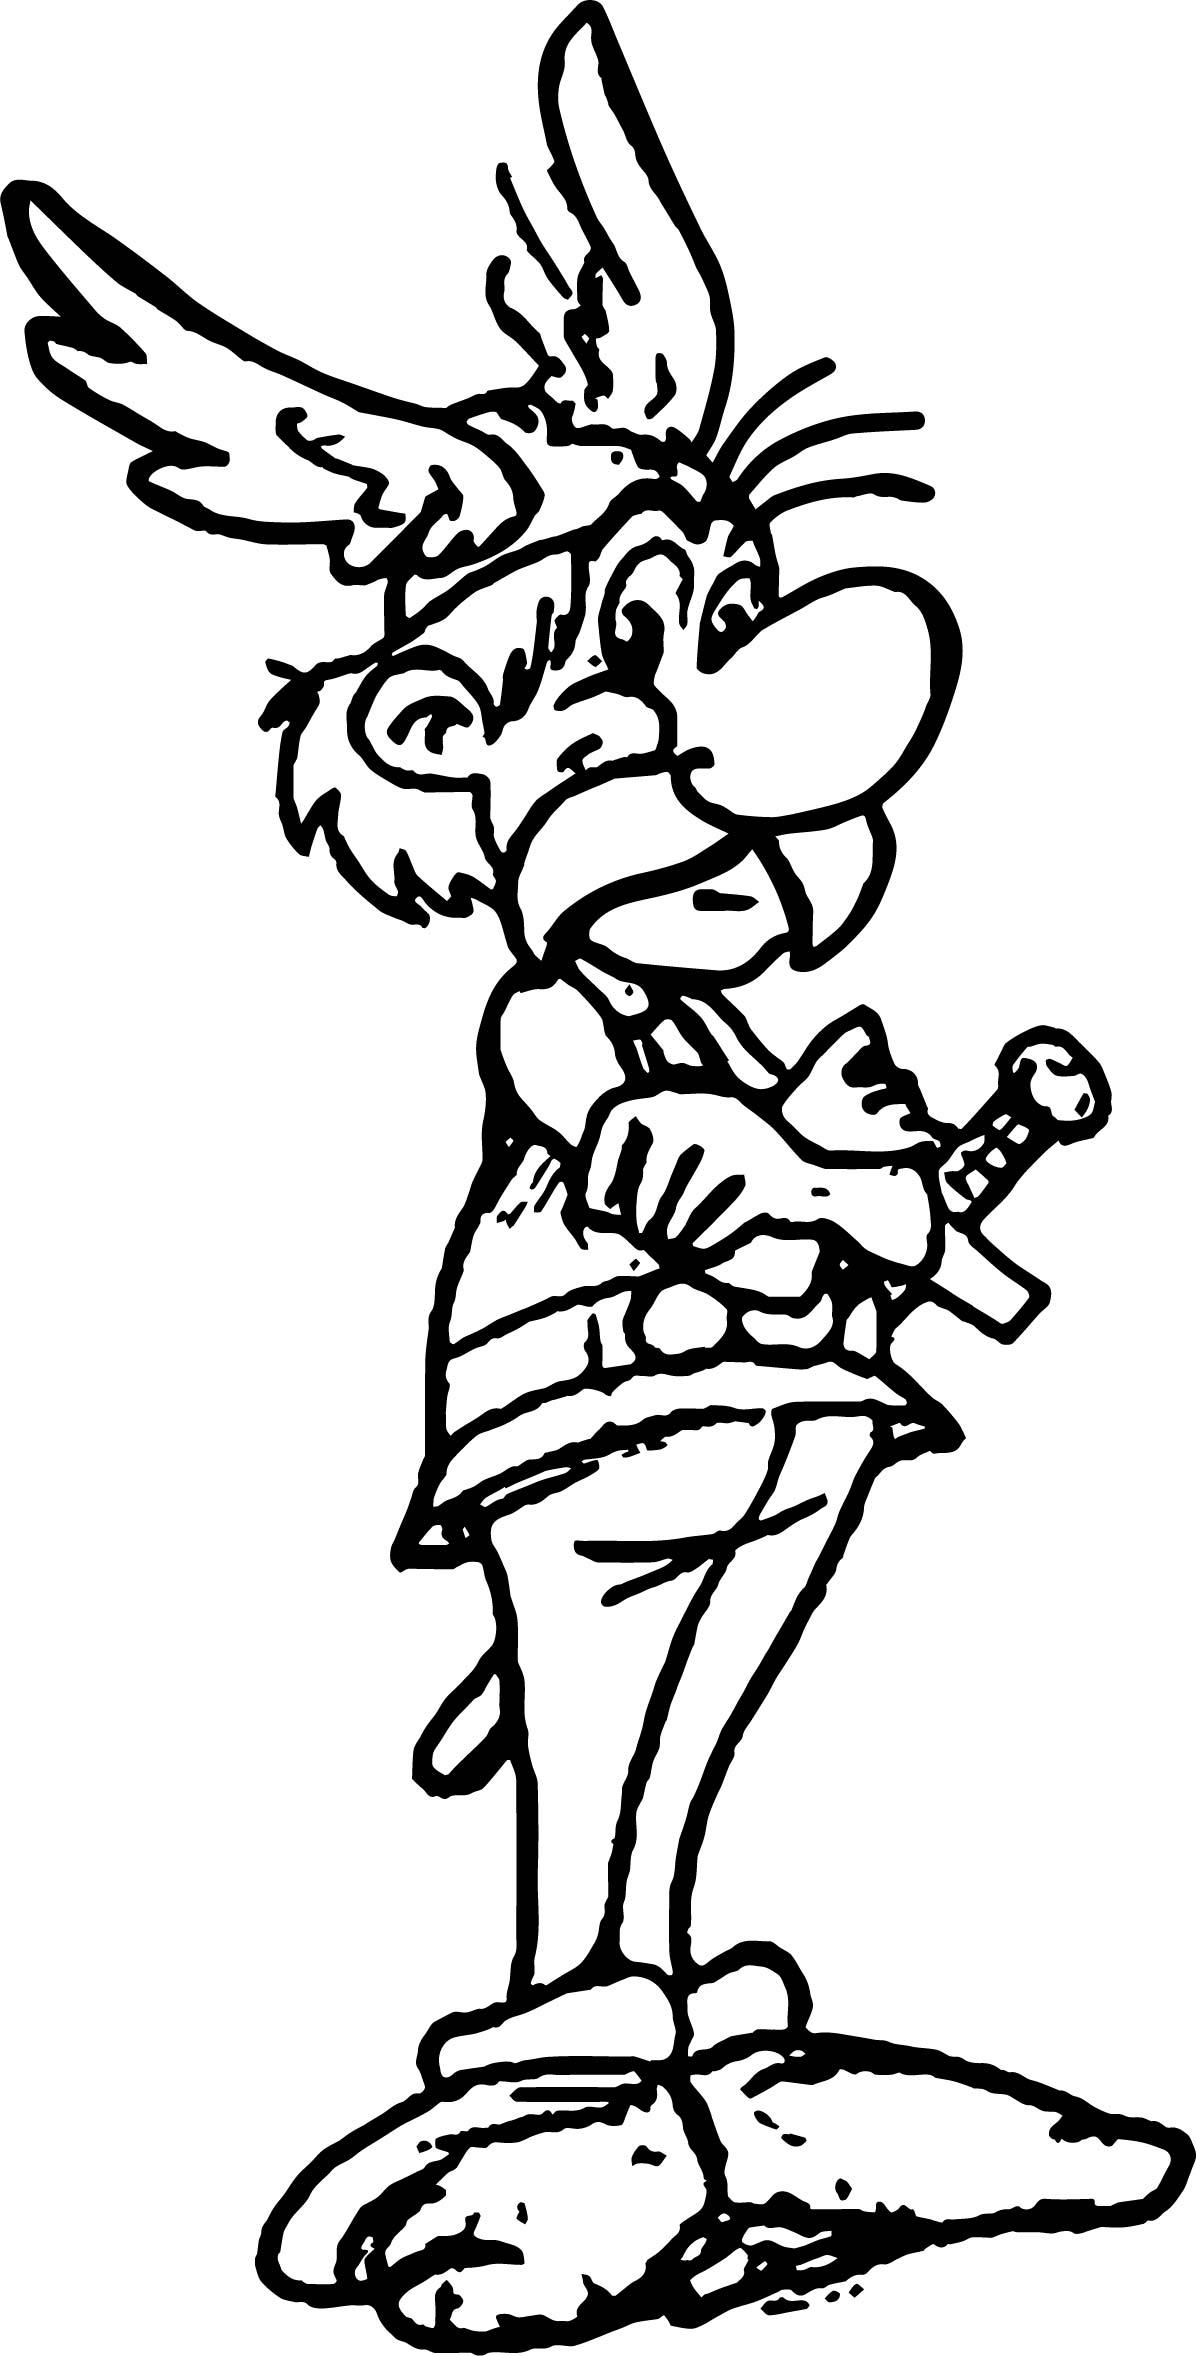 Asterix Mediocratix Coloring Page